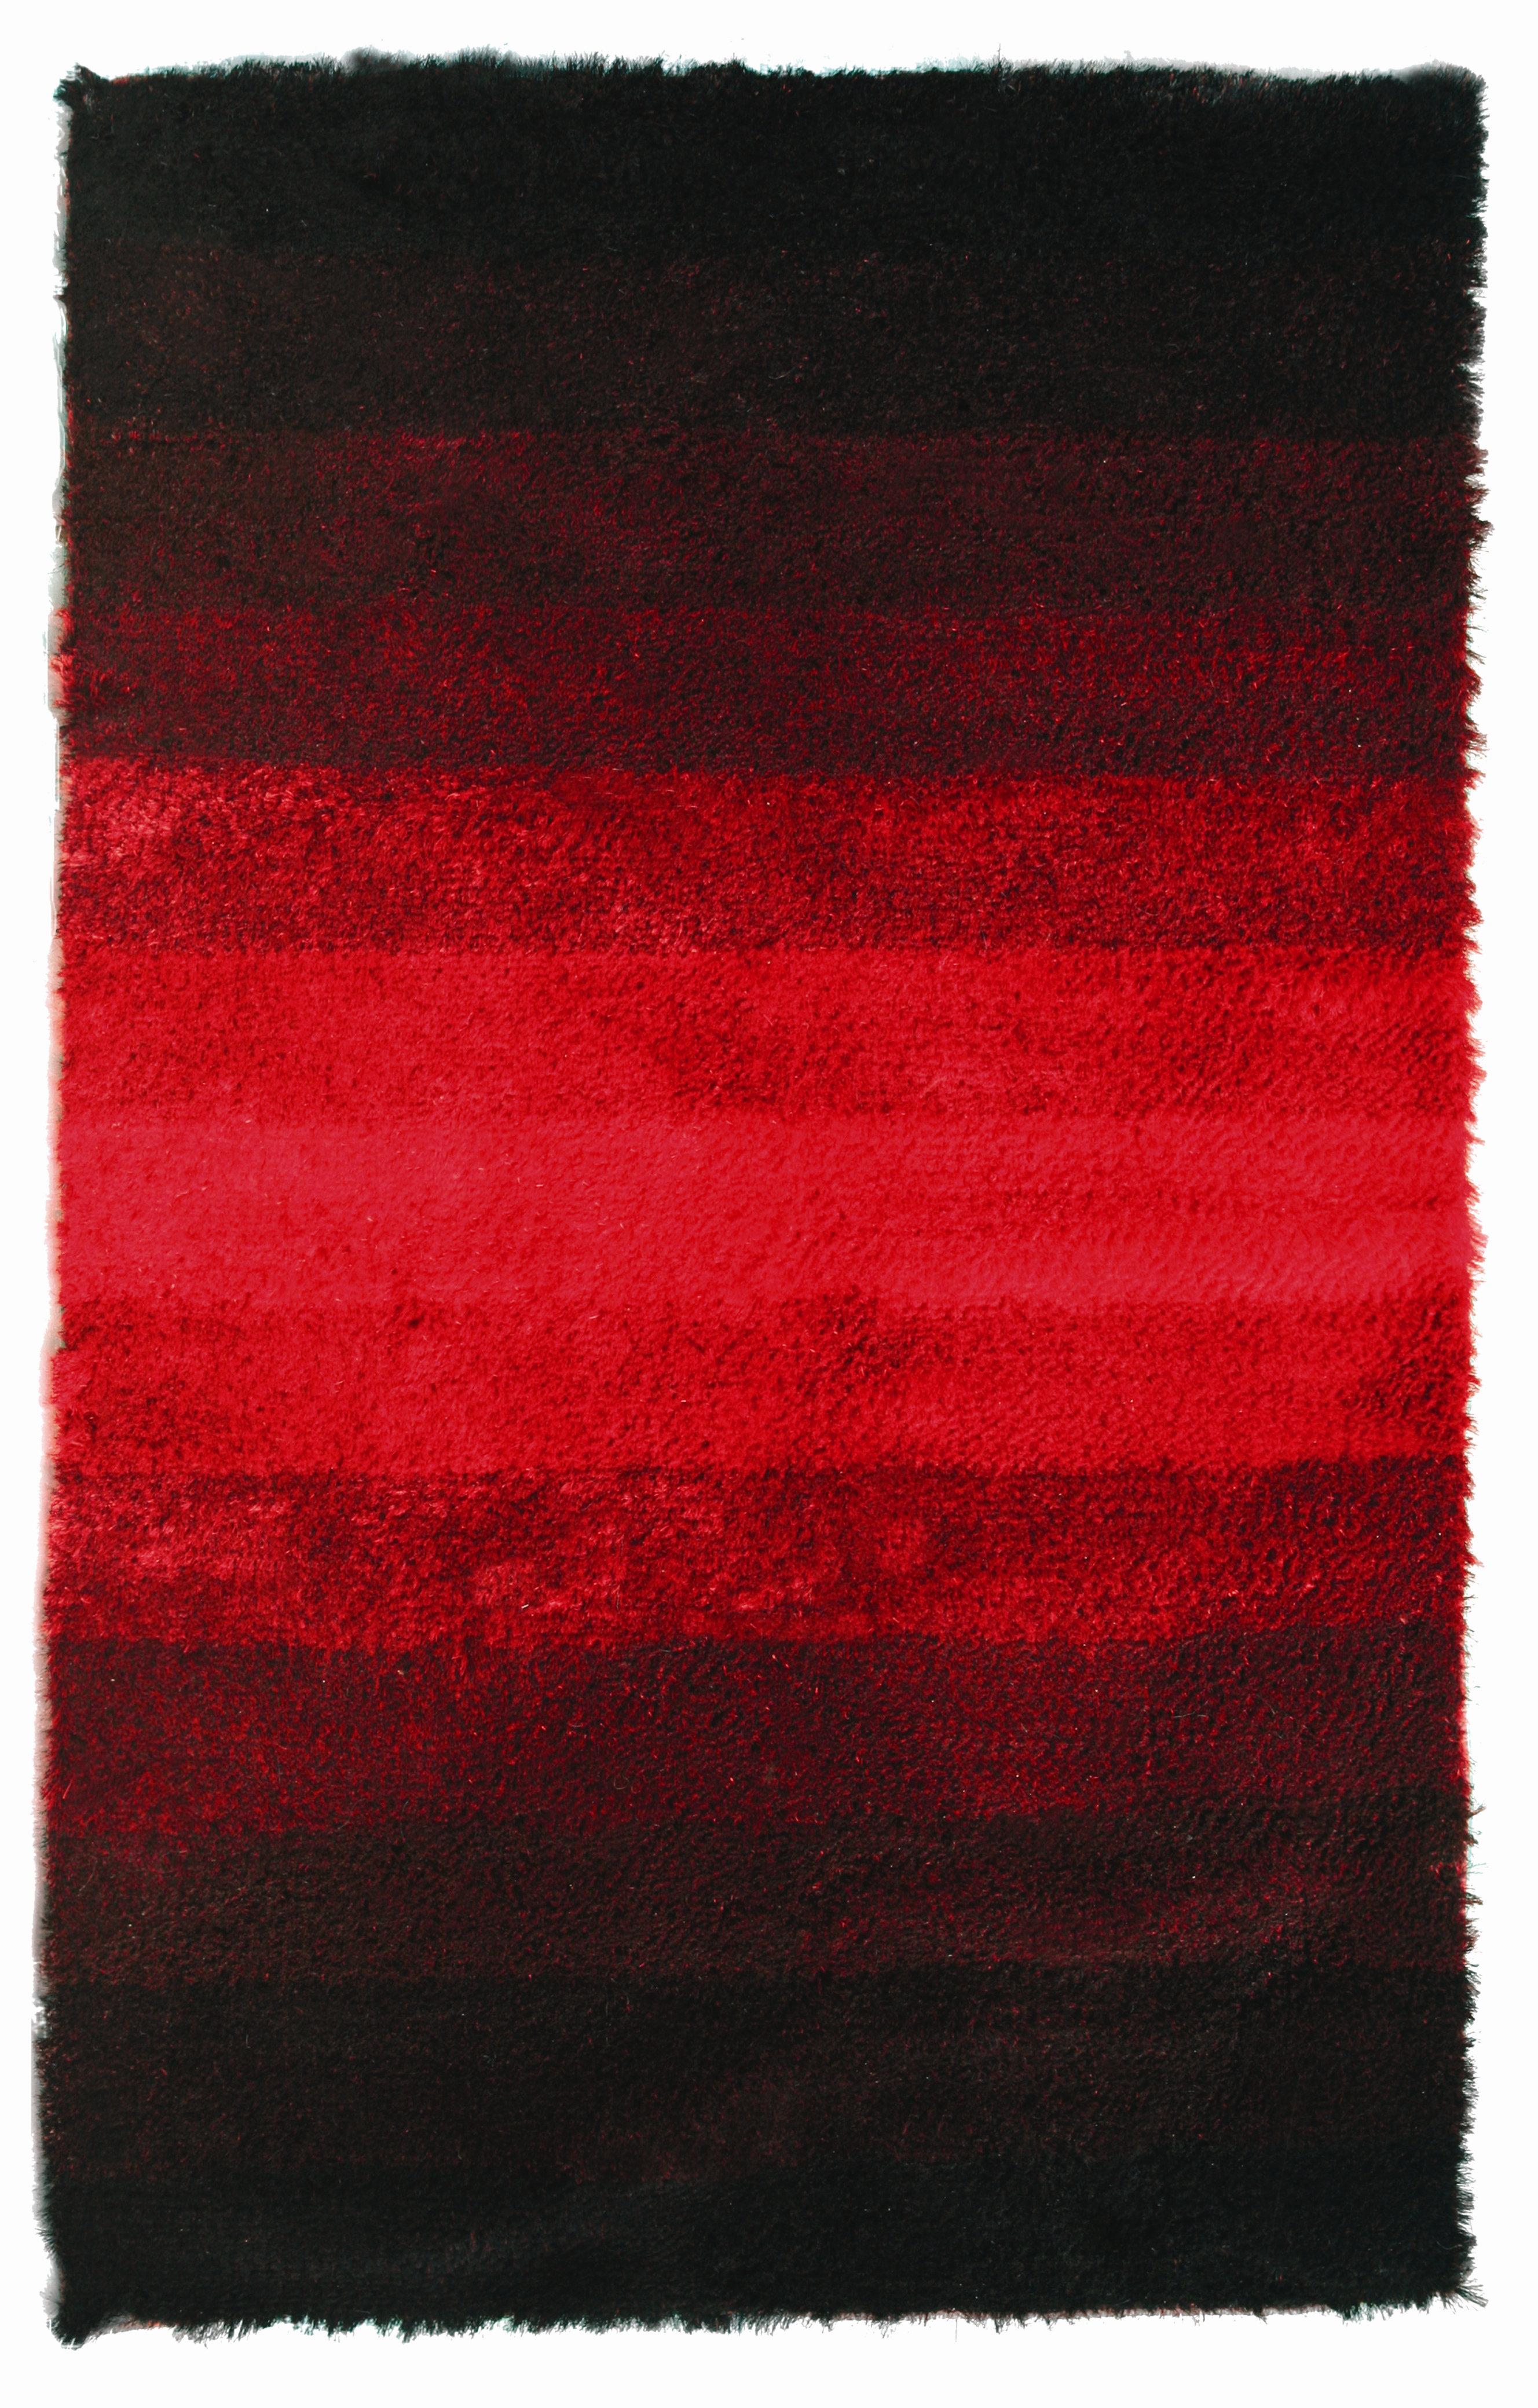 Noble House Jewel Black Red Rug Amp Reviews Wayfair